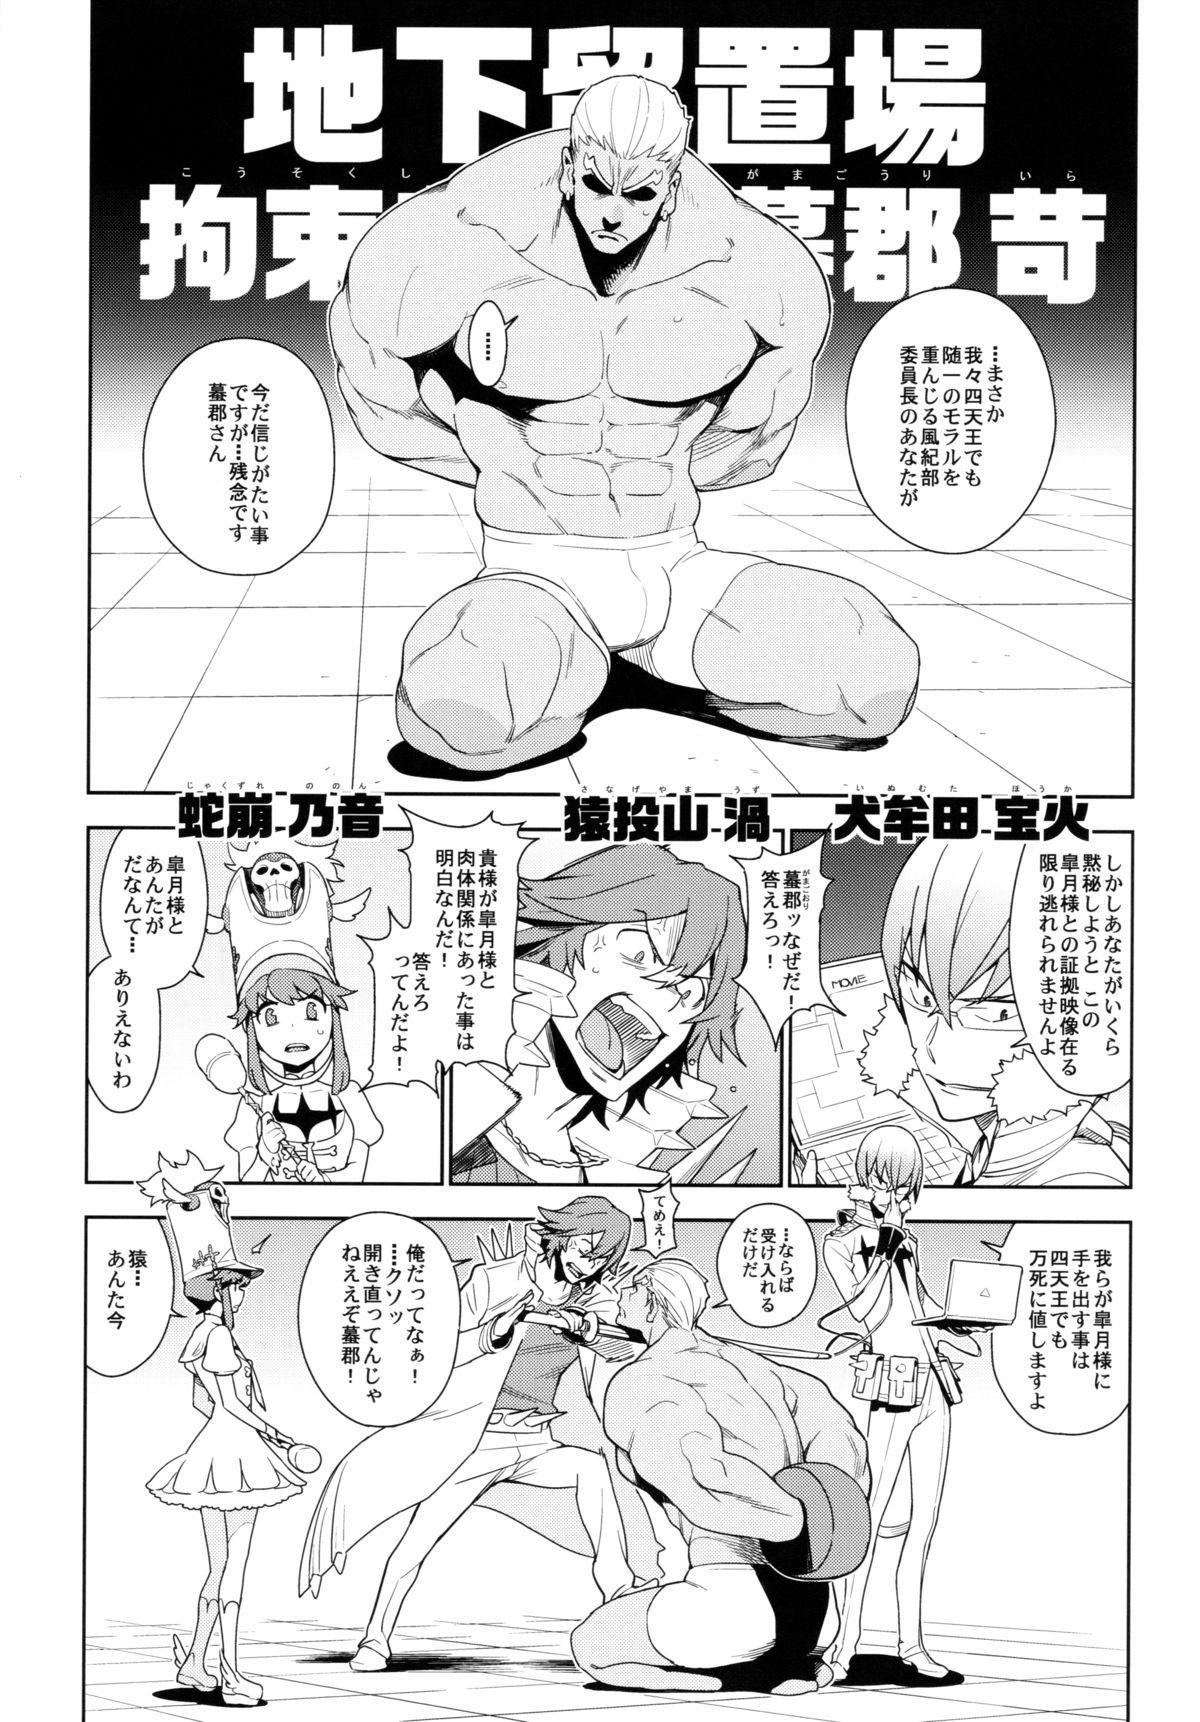 Seiten Hakujitsu 3